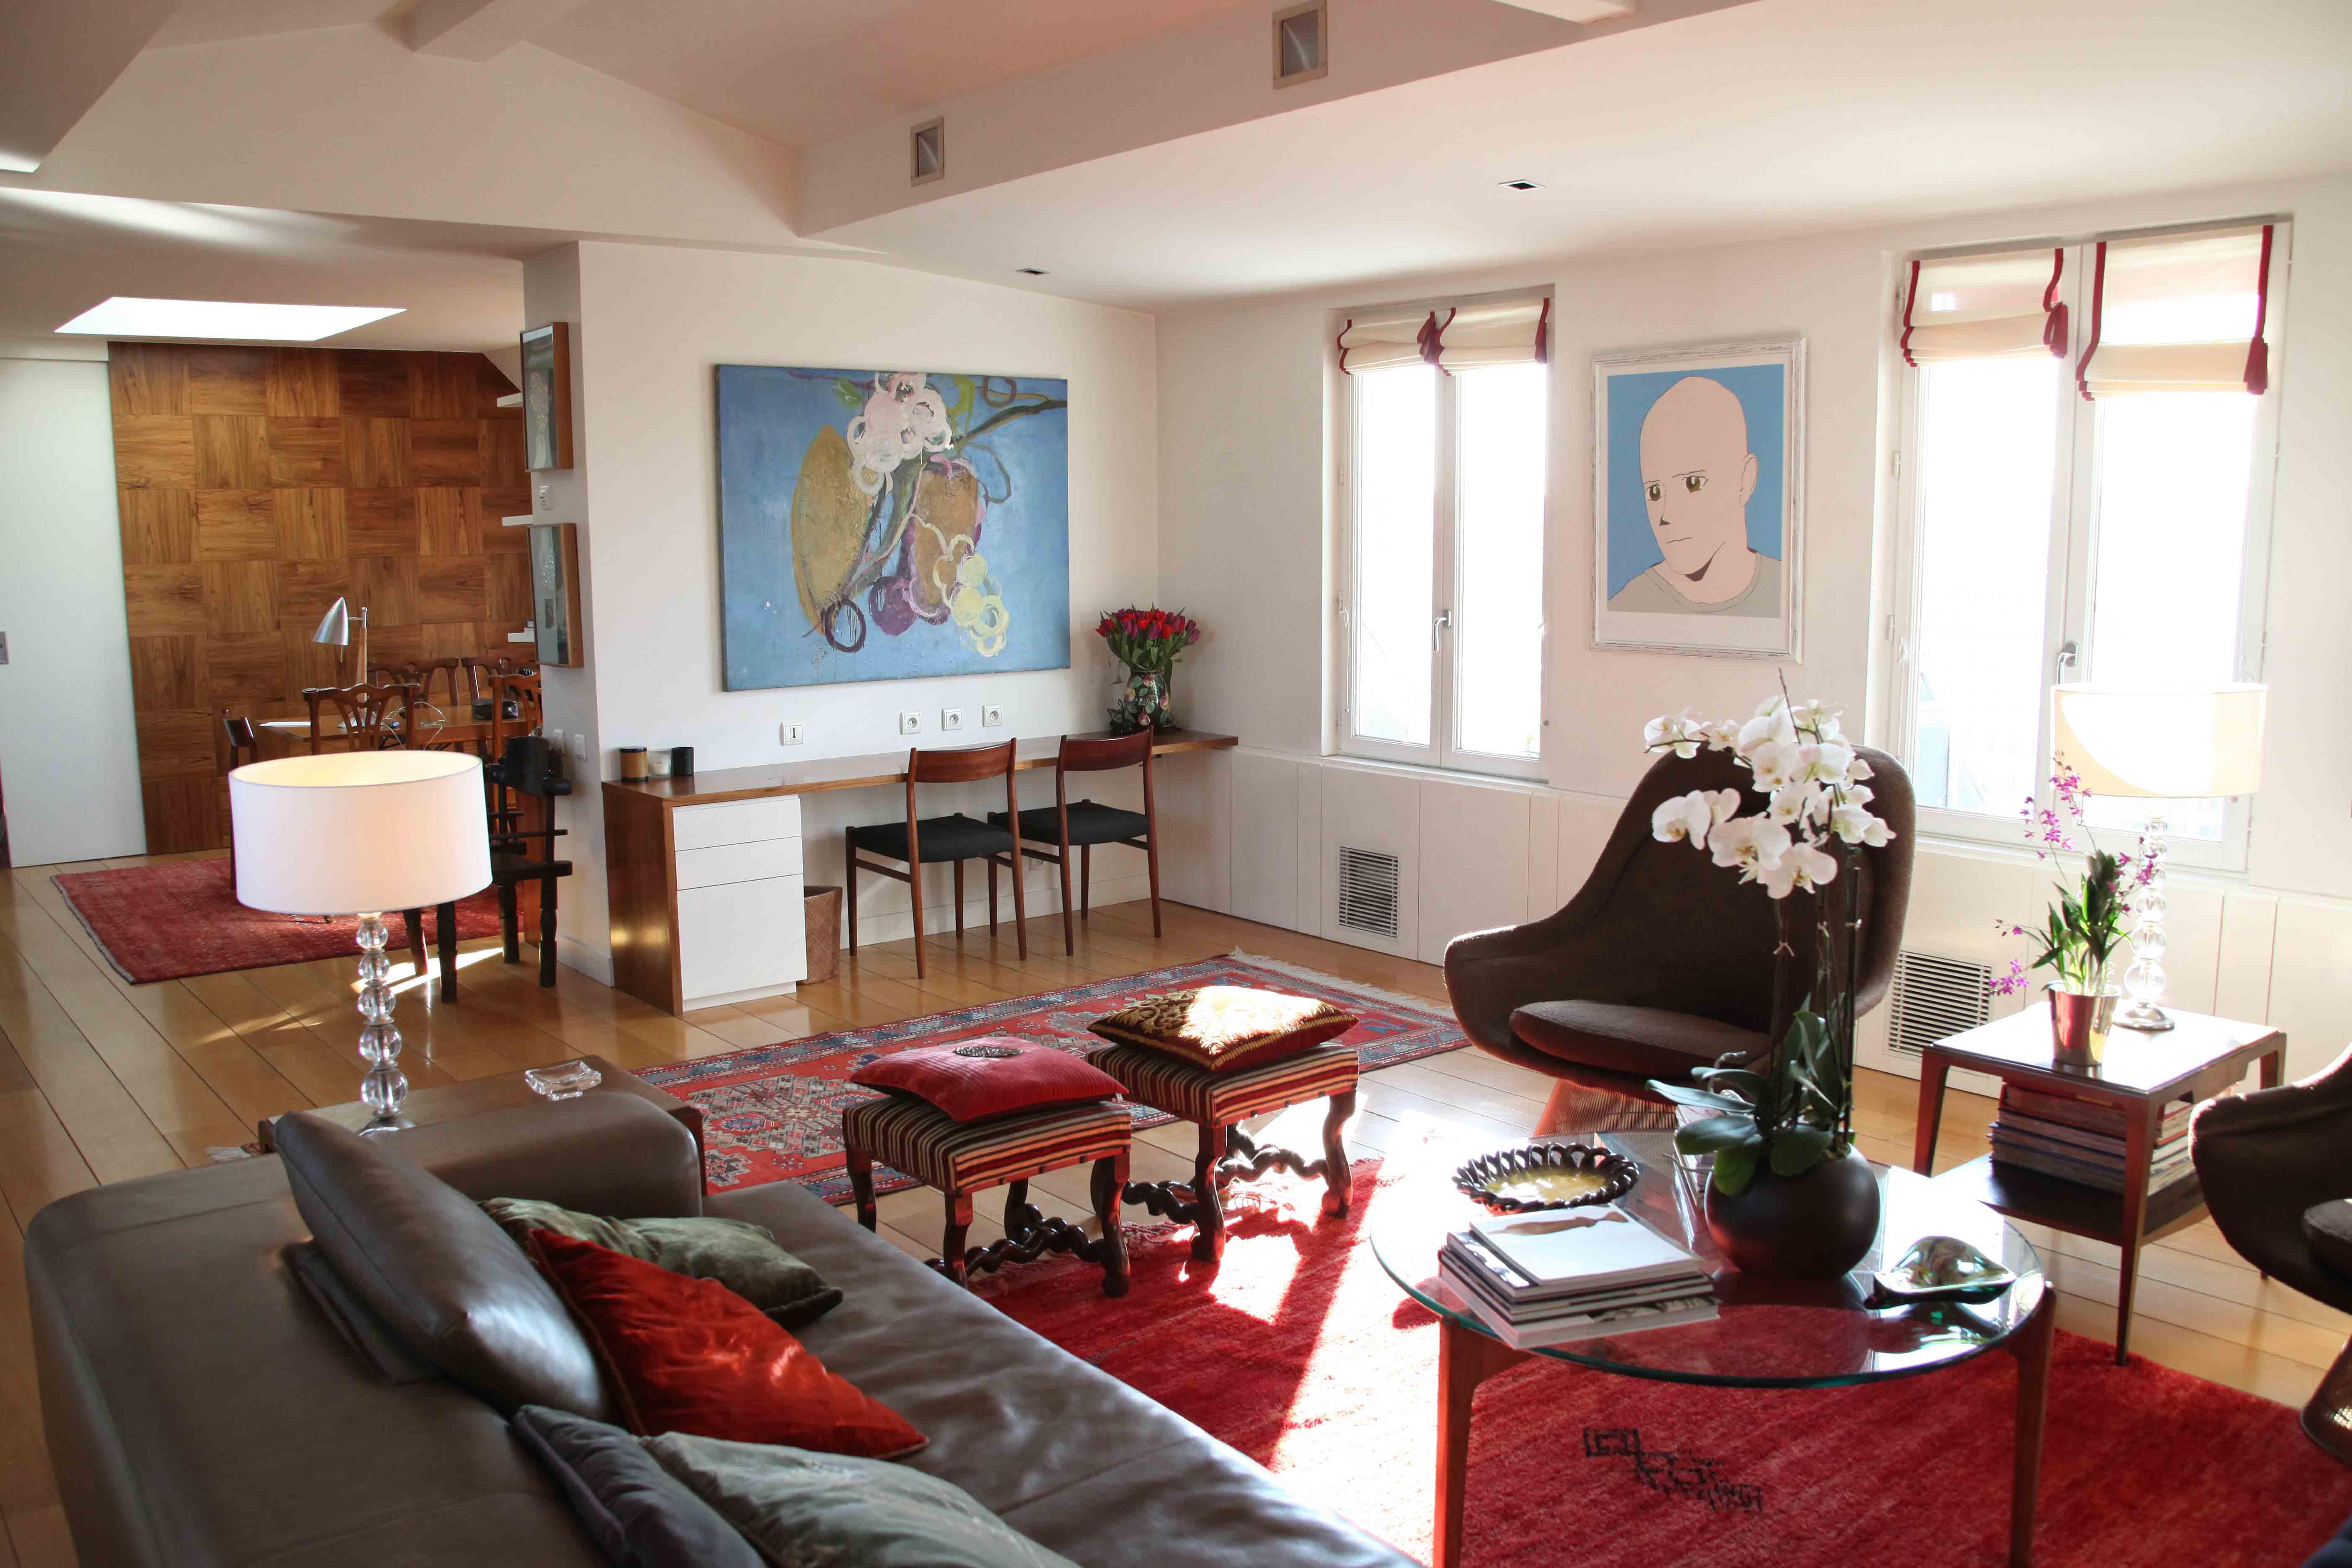 Monolocali In Vendita A Parigi parigi appartamenti case acquisto vendita